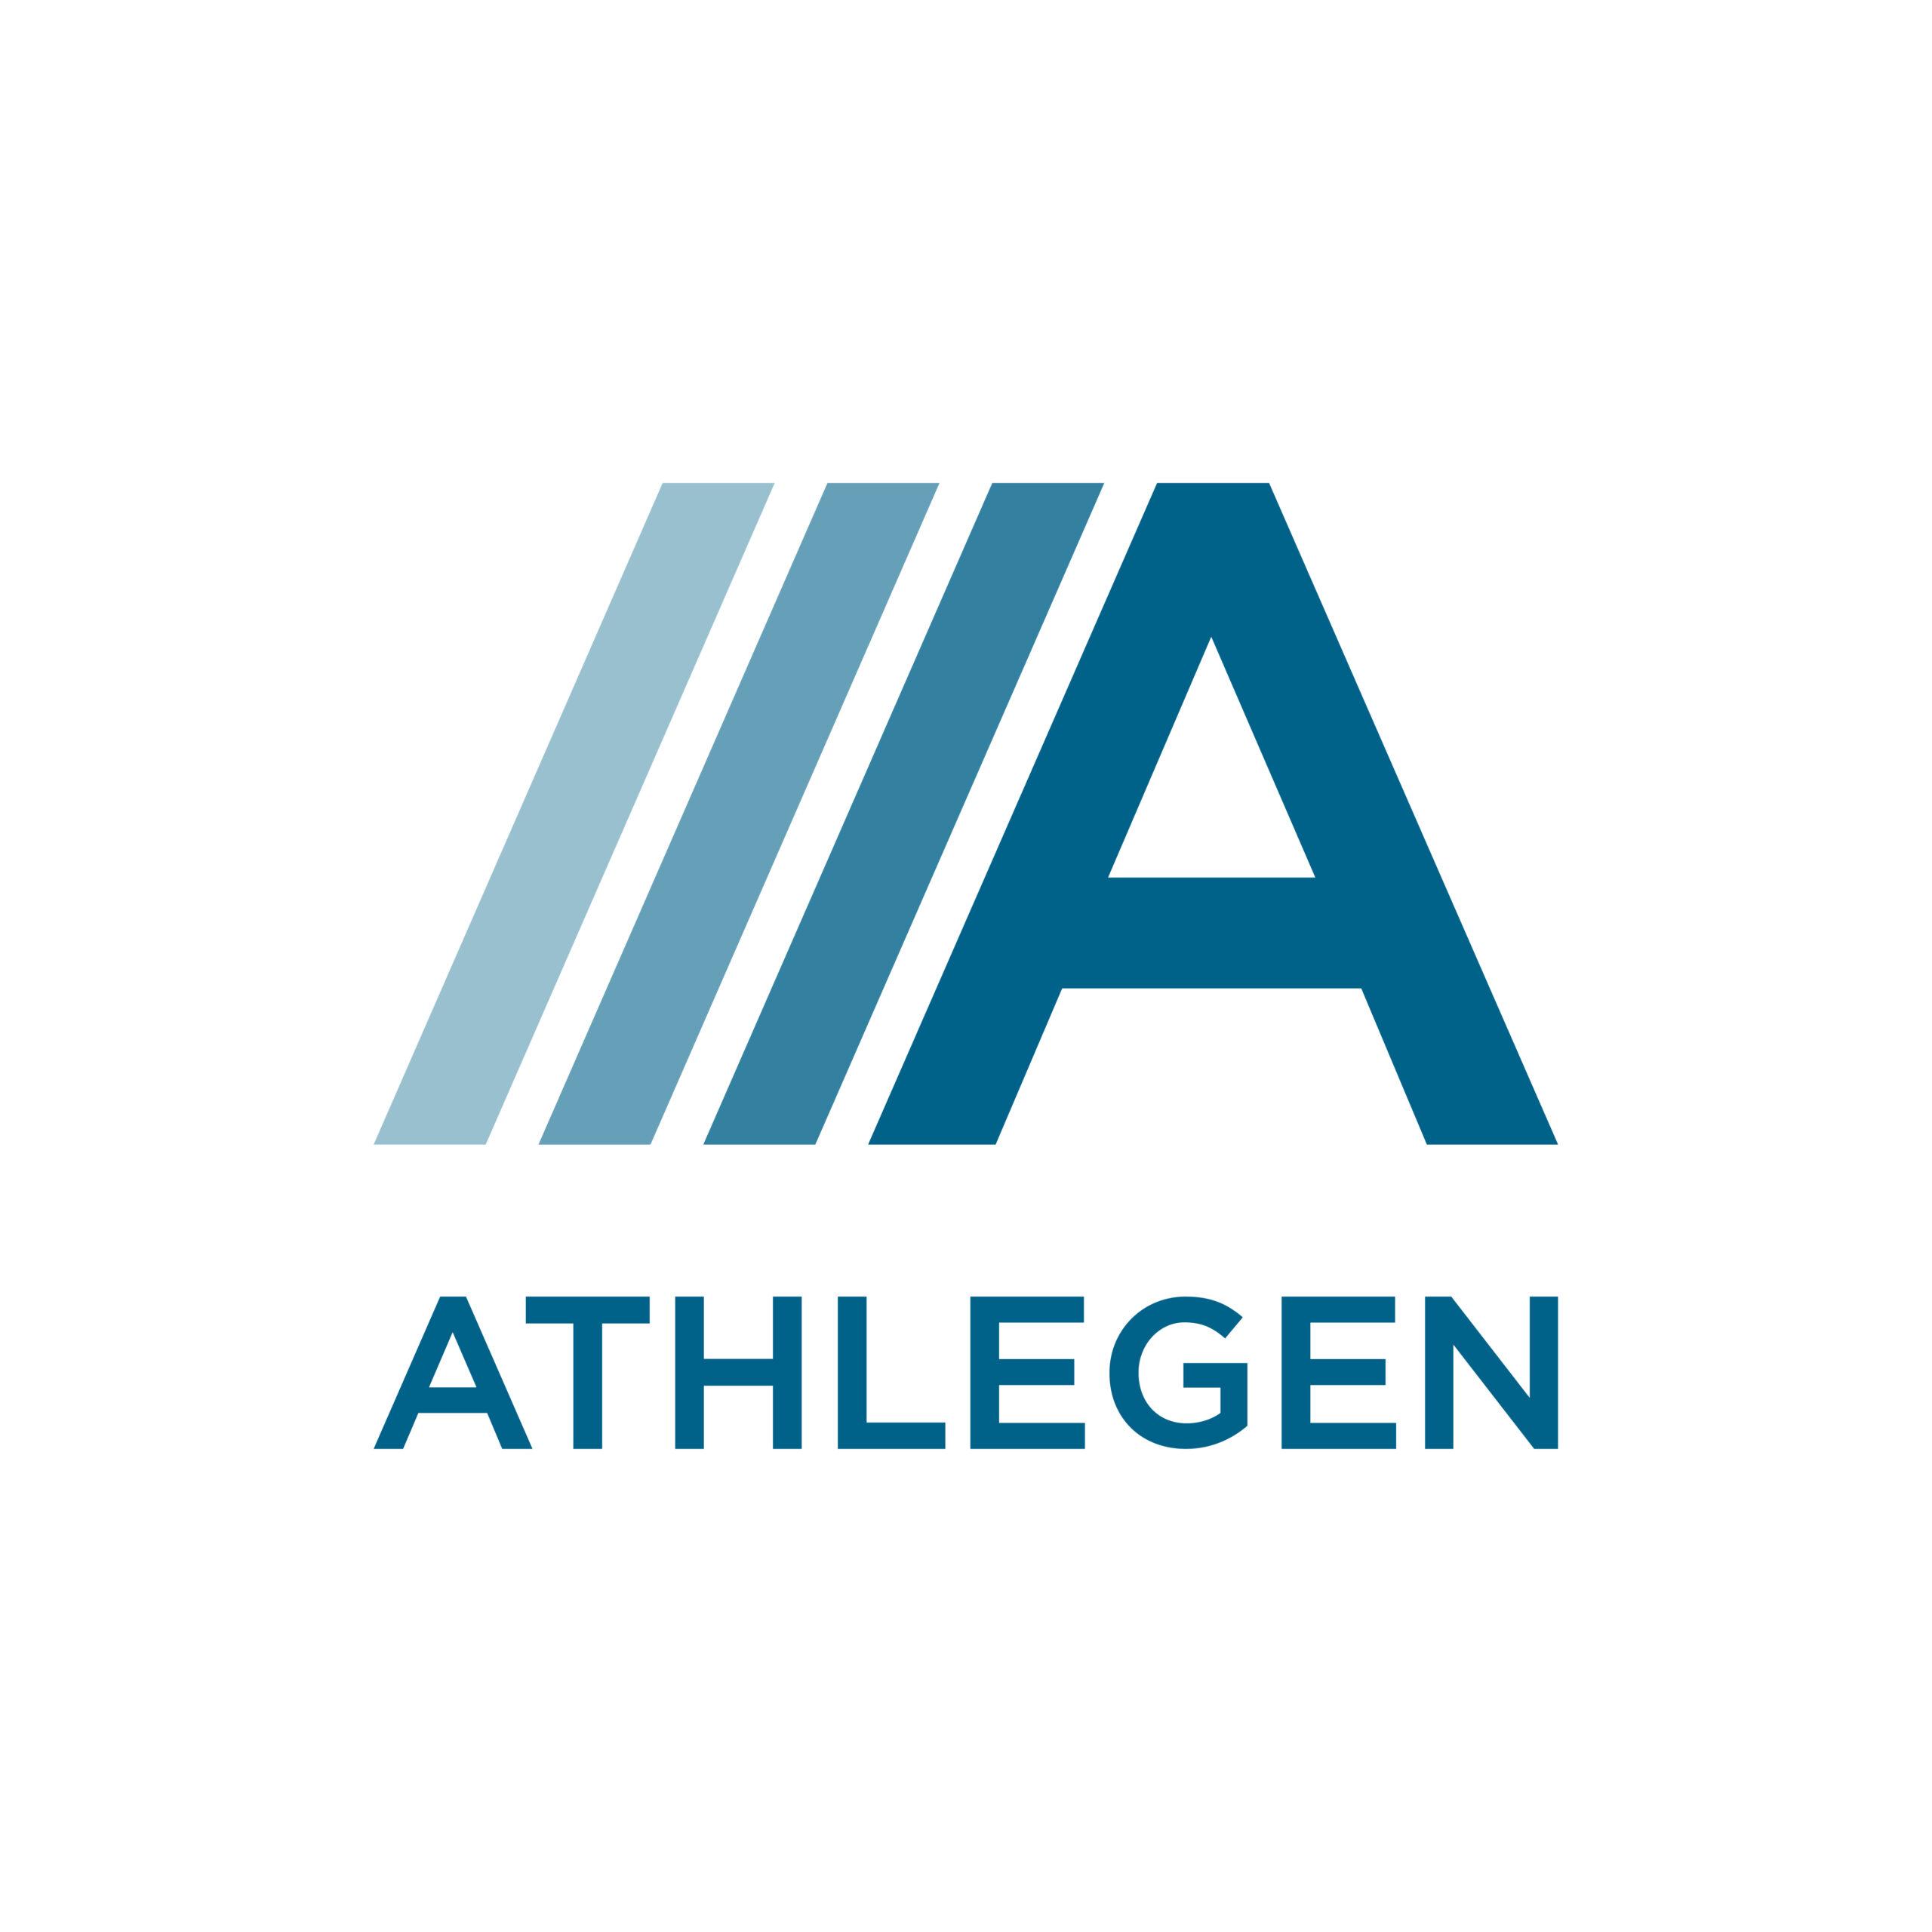 Athlegen